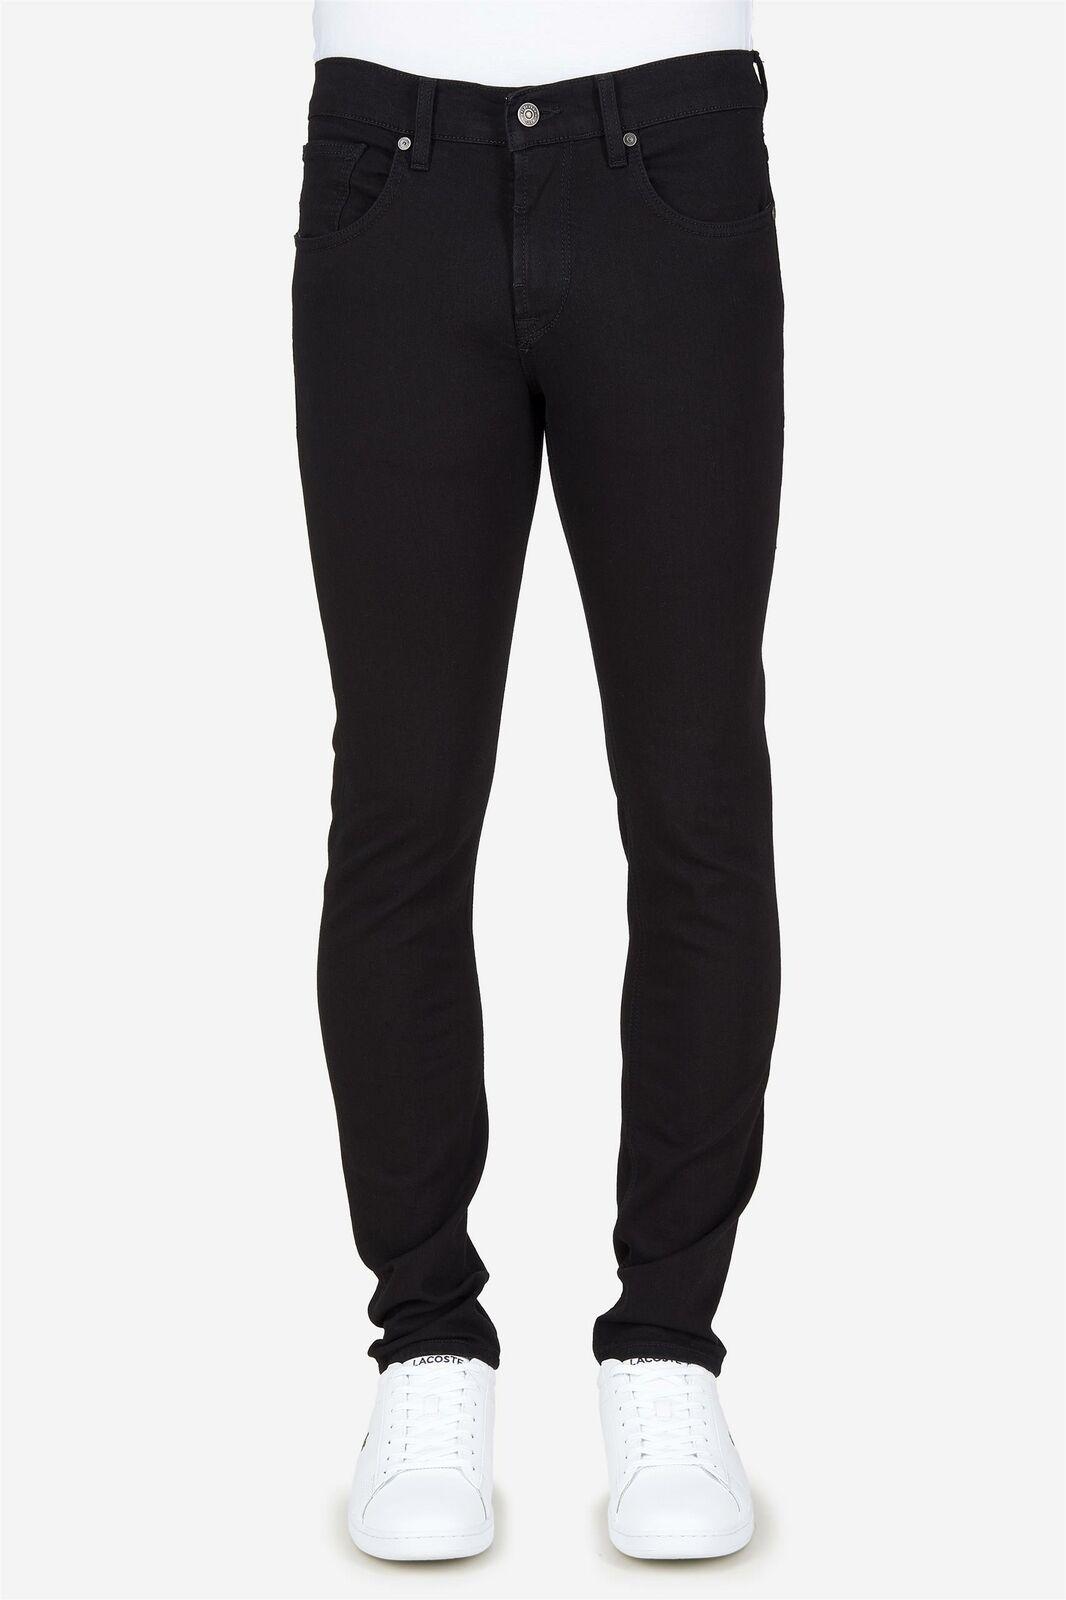 Baldessarini - Jeans Herren Slim Fit leger schwarz NEU: 129 €